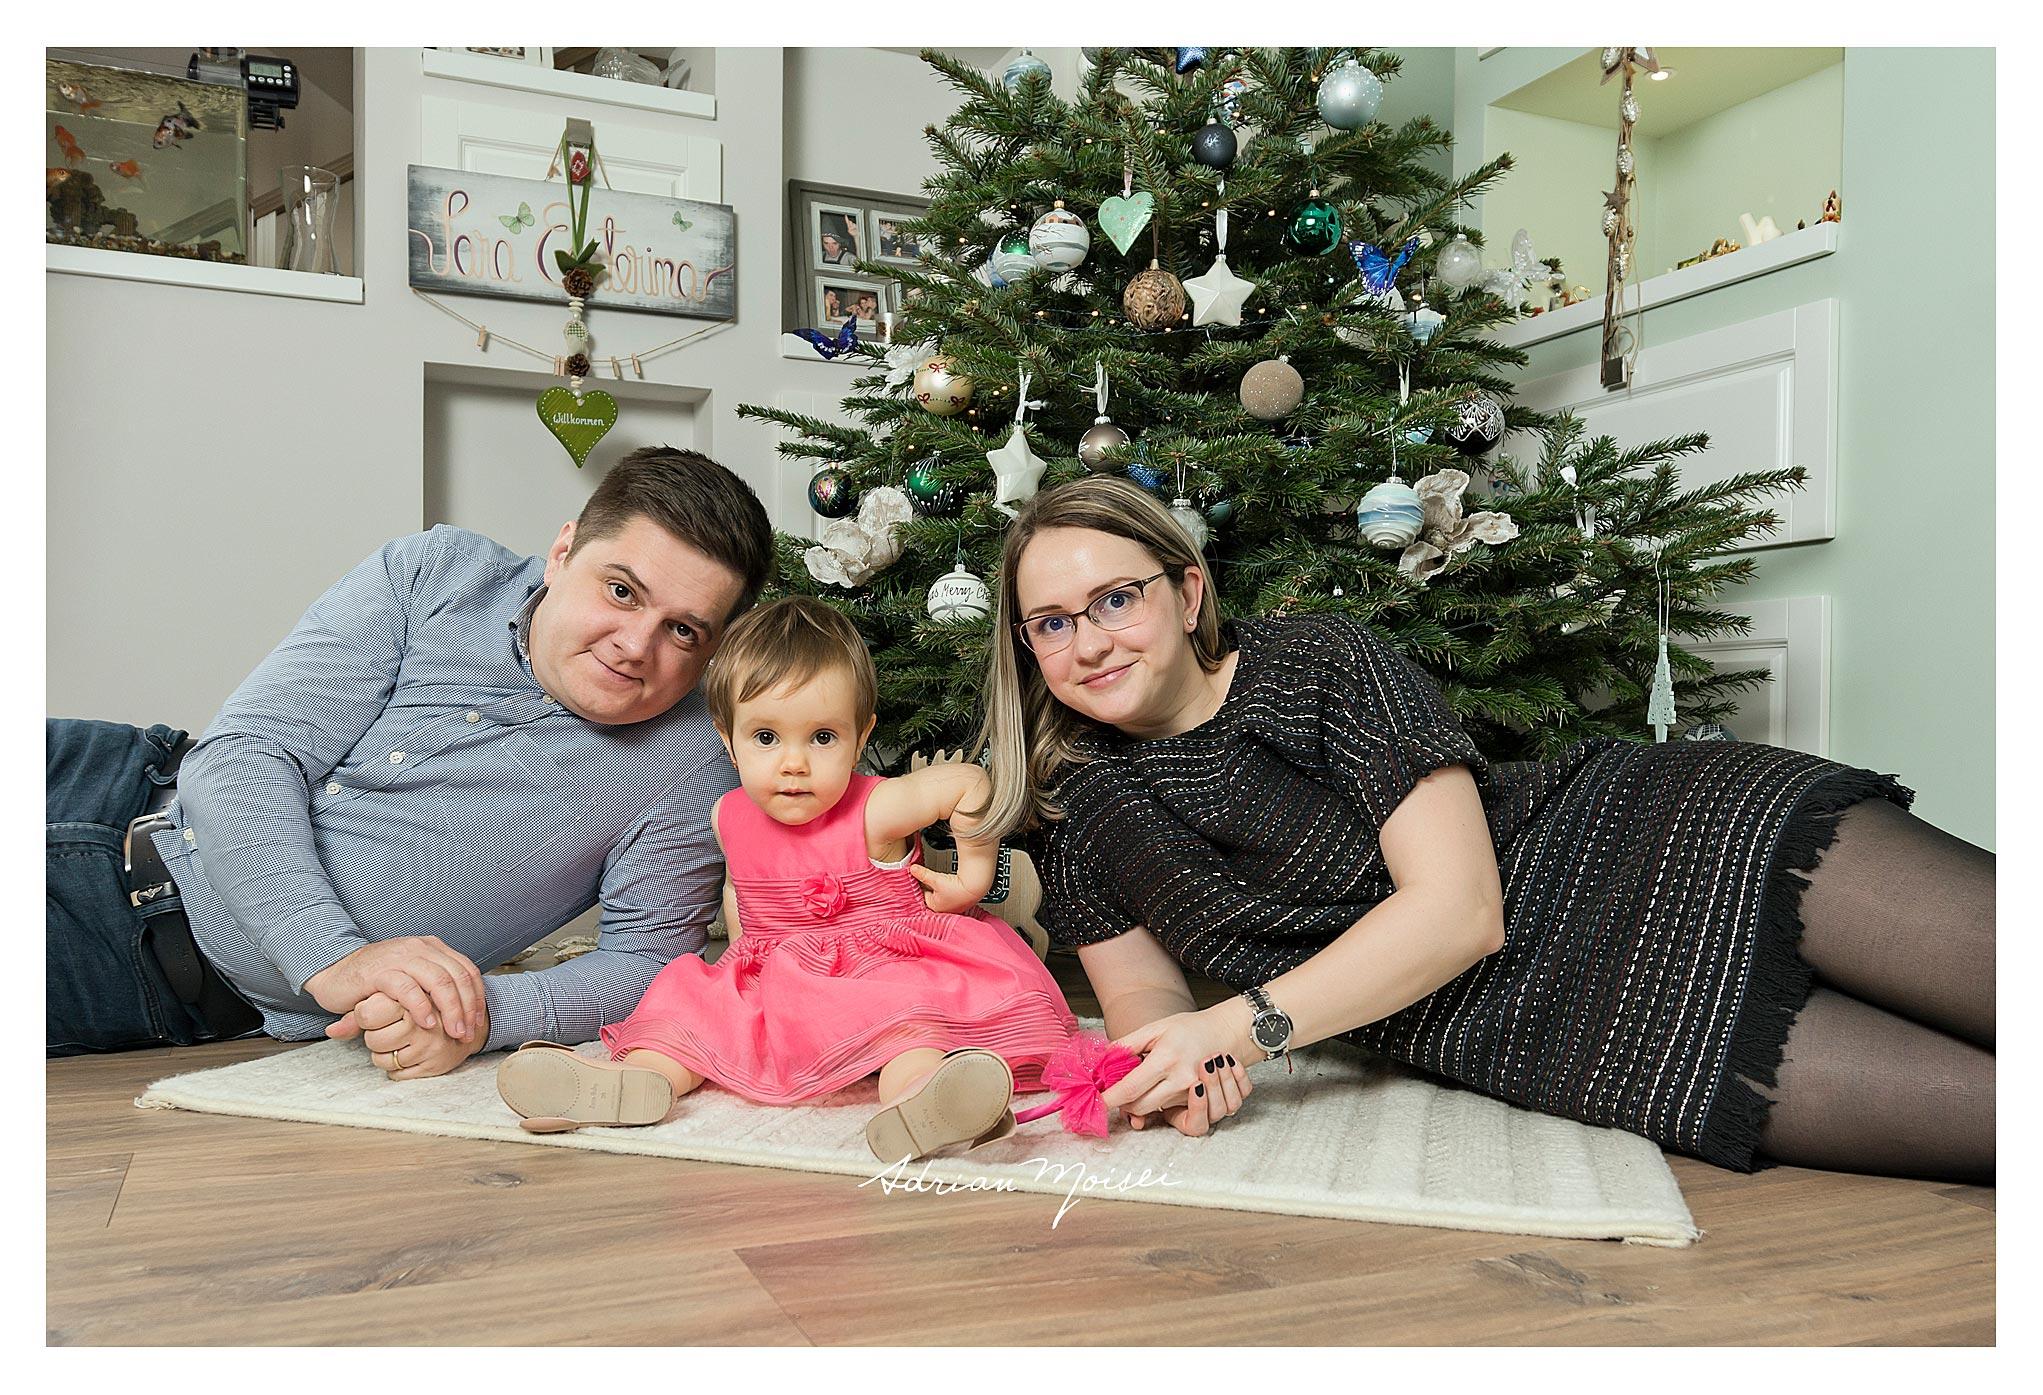 Cămin calduros cu o fetiță la doi ani împreună cu părintii ei, fotograf Adrian Moisei